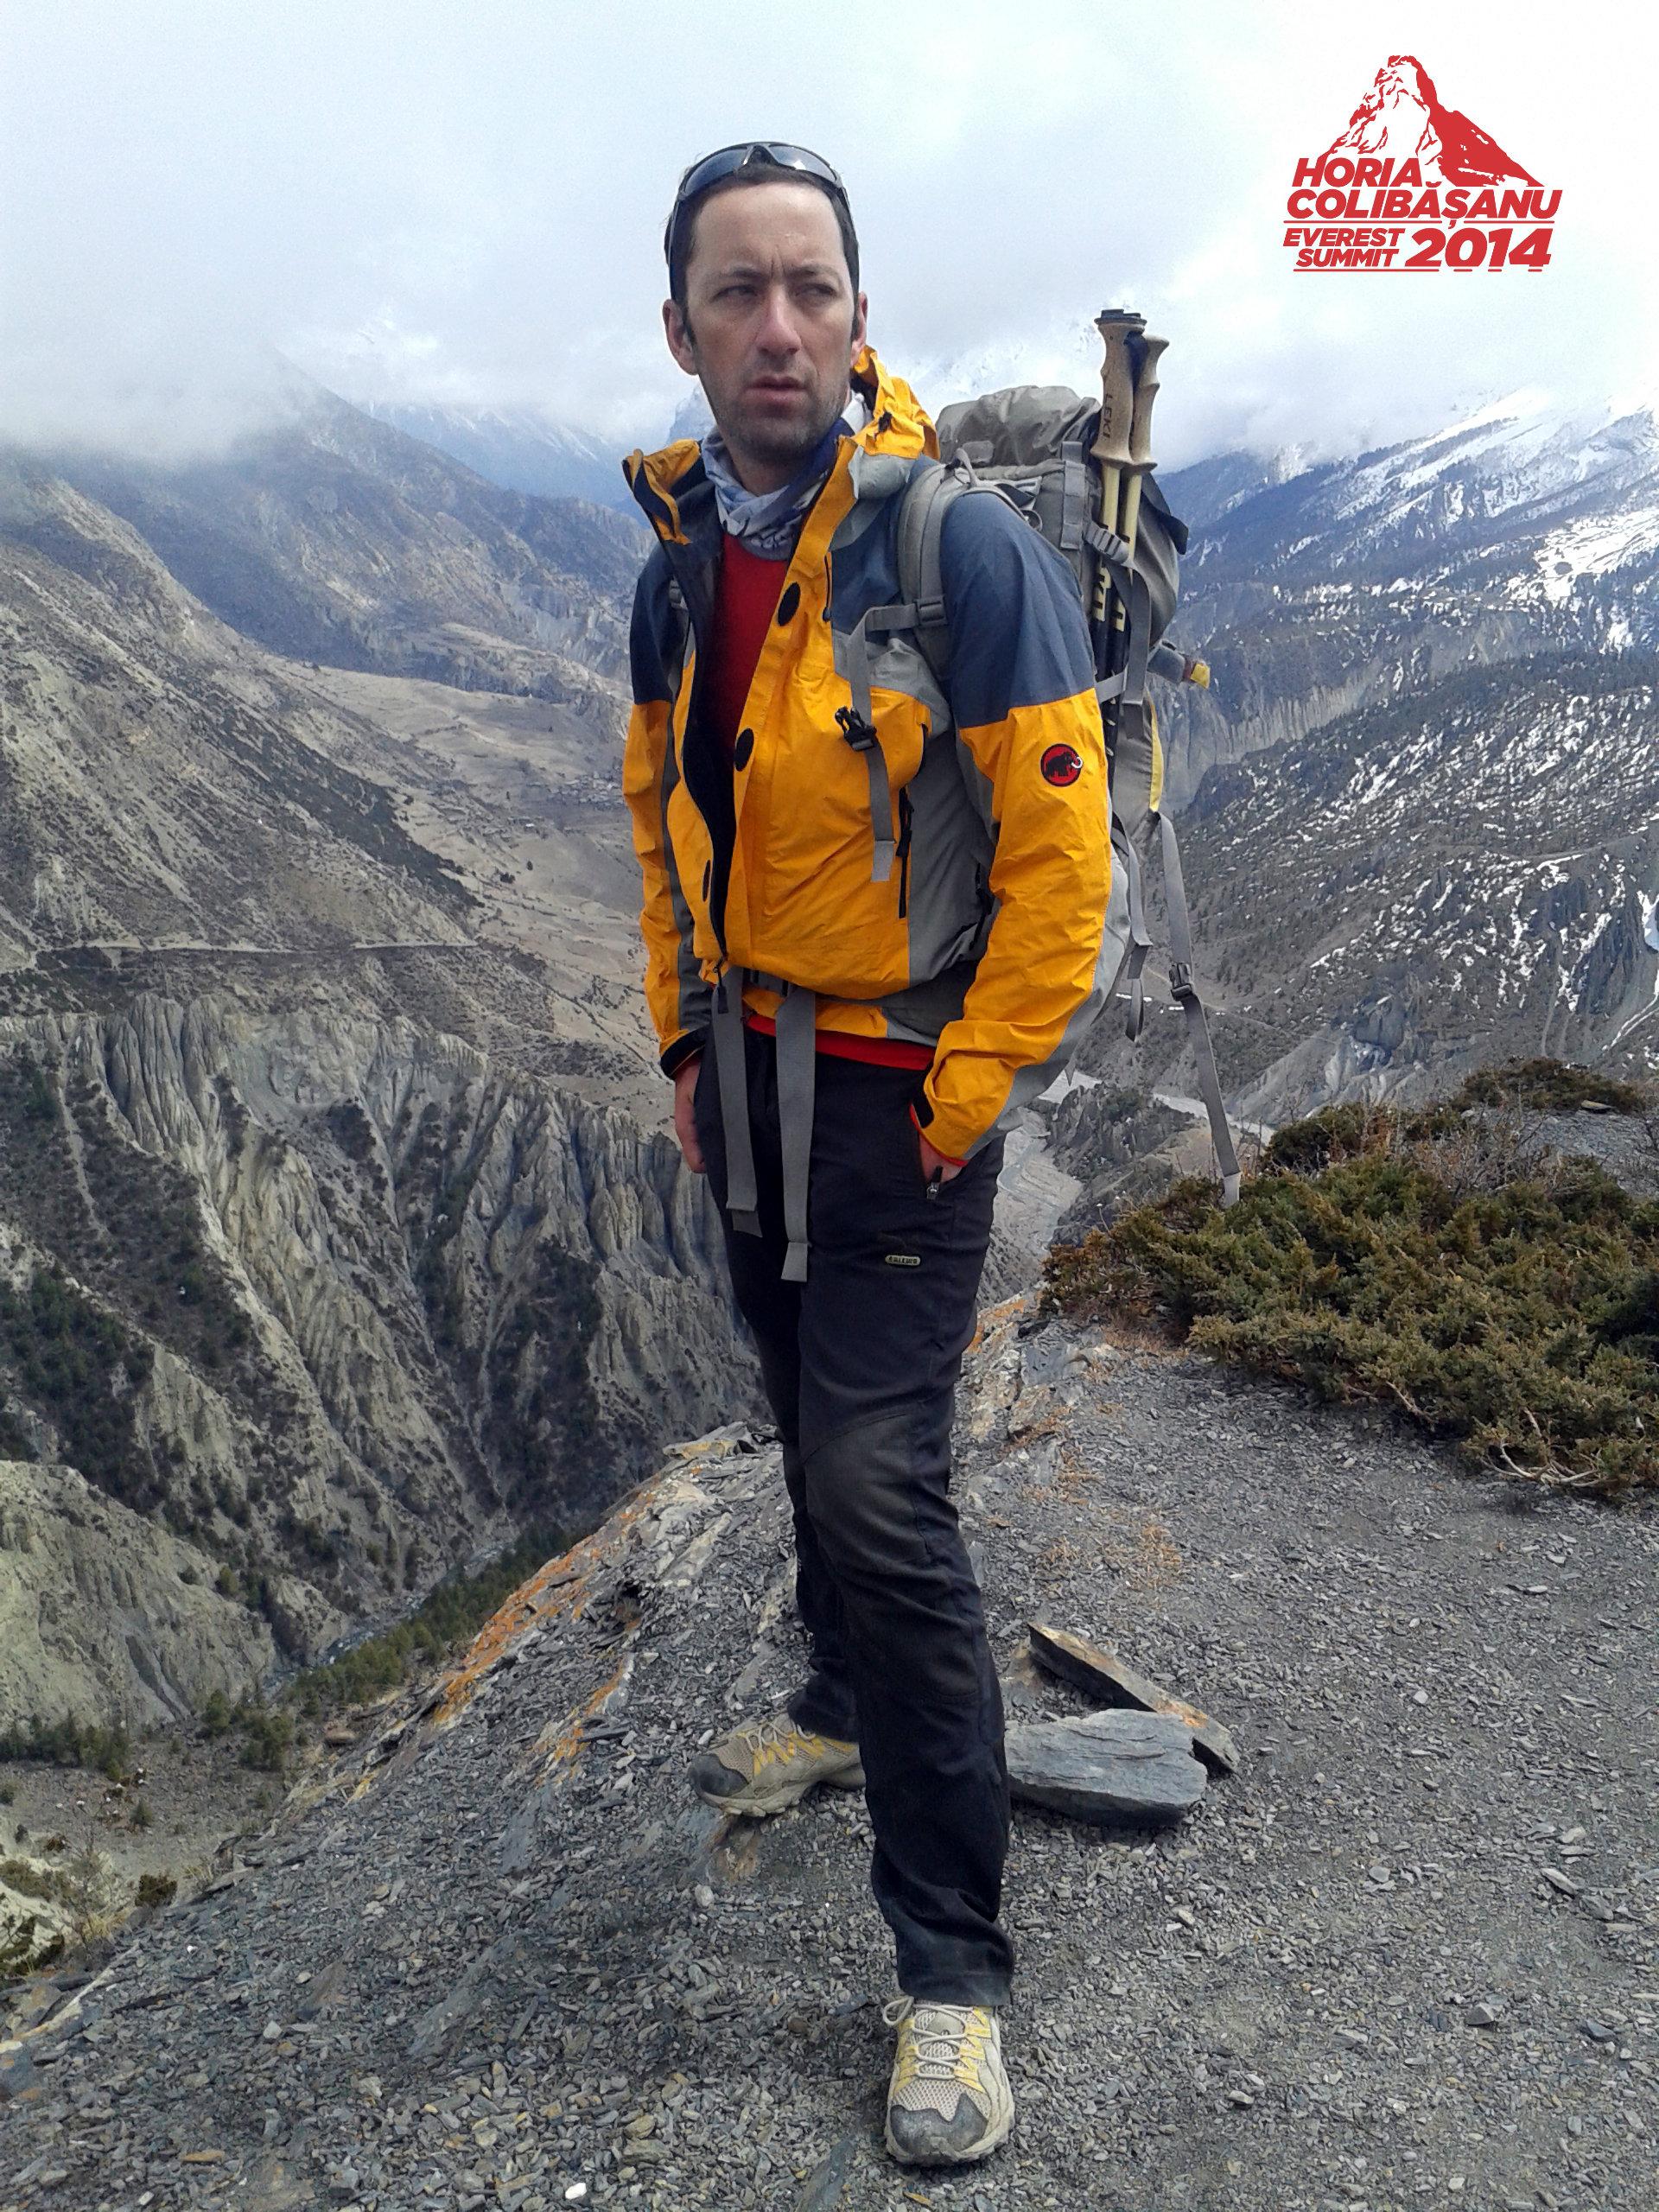 Horia Colibasanu a pornit spre Tibet. Urmeaza sa escaladeze un varf cu o rata de mortalitate mai mare decat cea de pe Everest